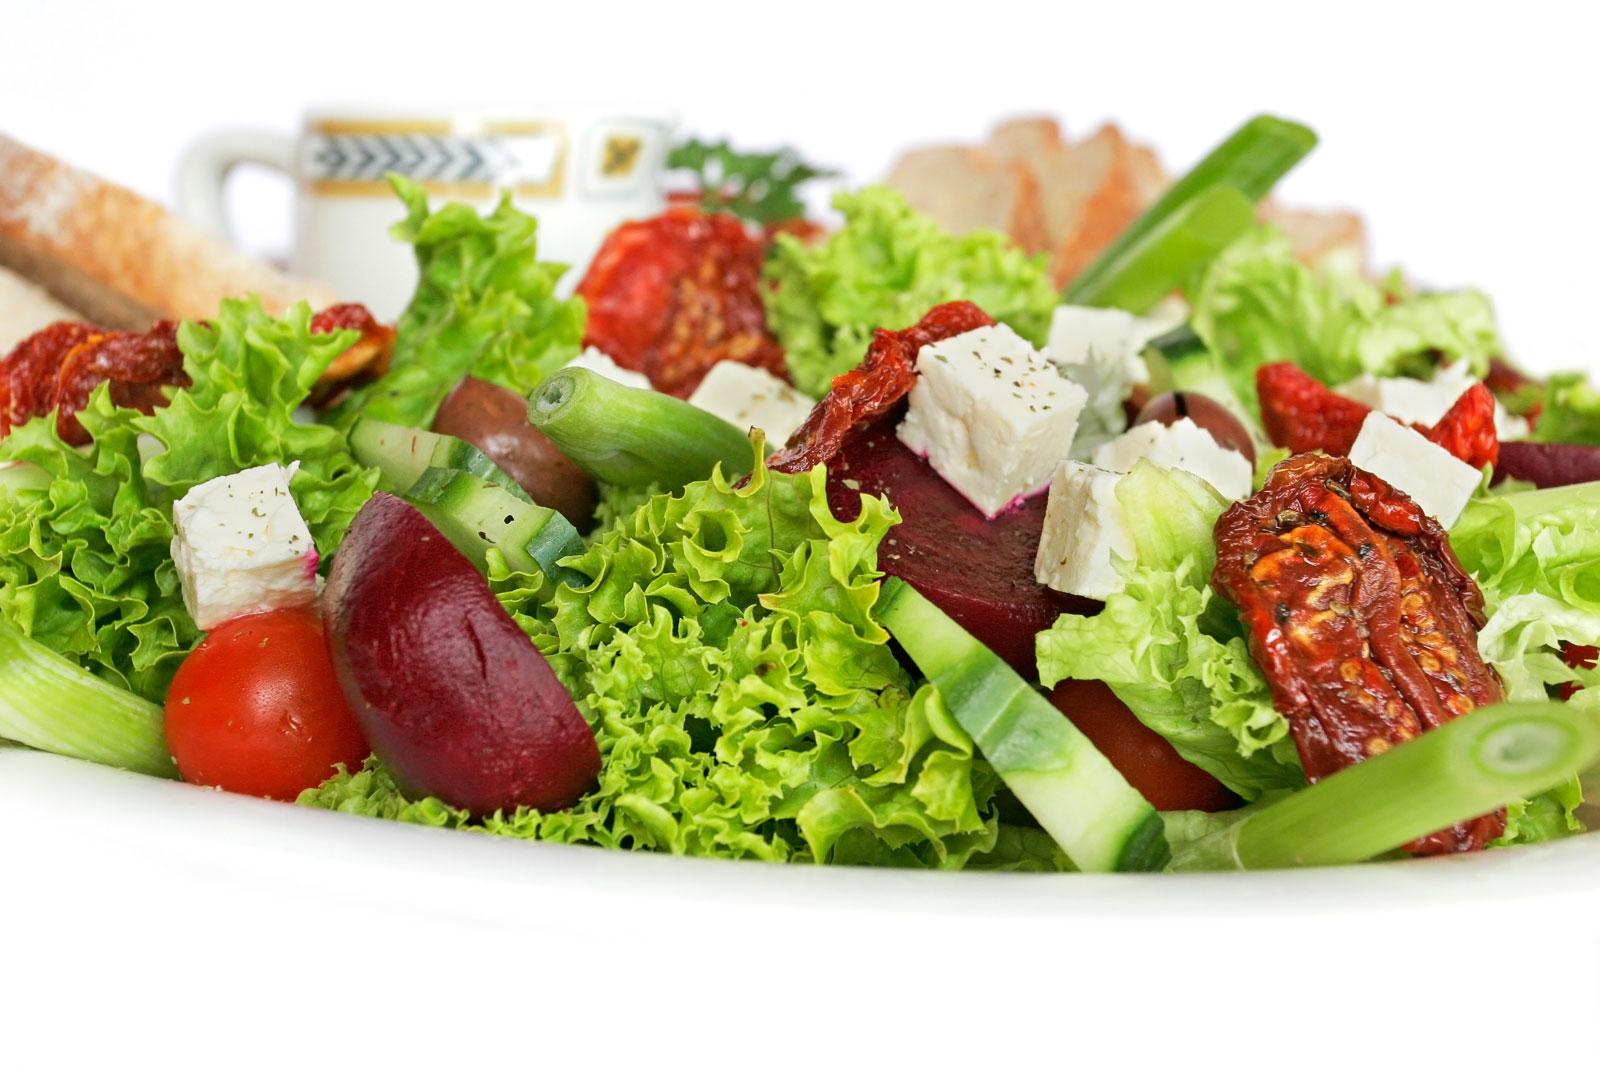 Salata verde – ingredientul secret în curele de slăbire